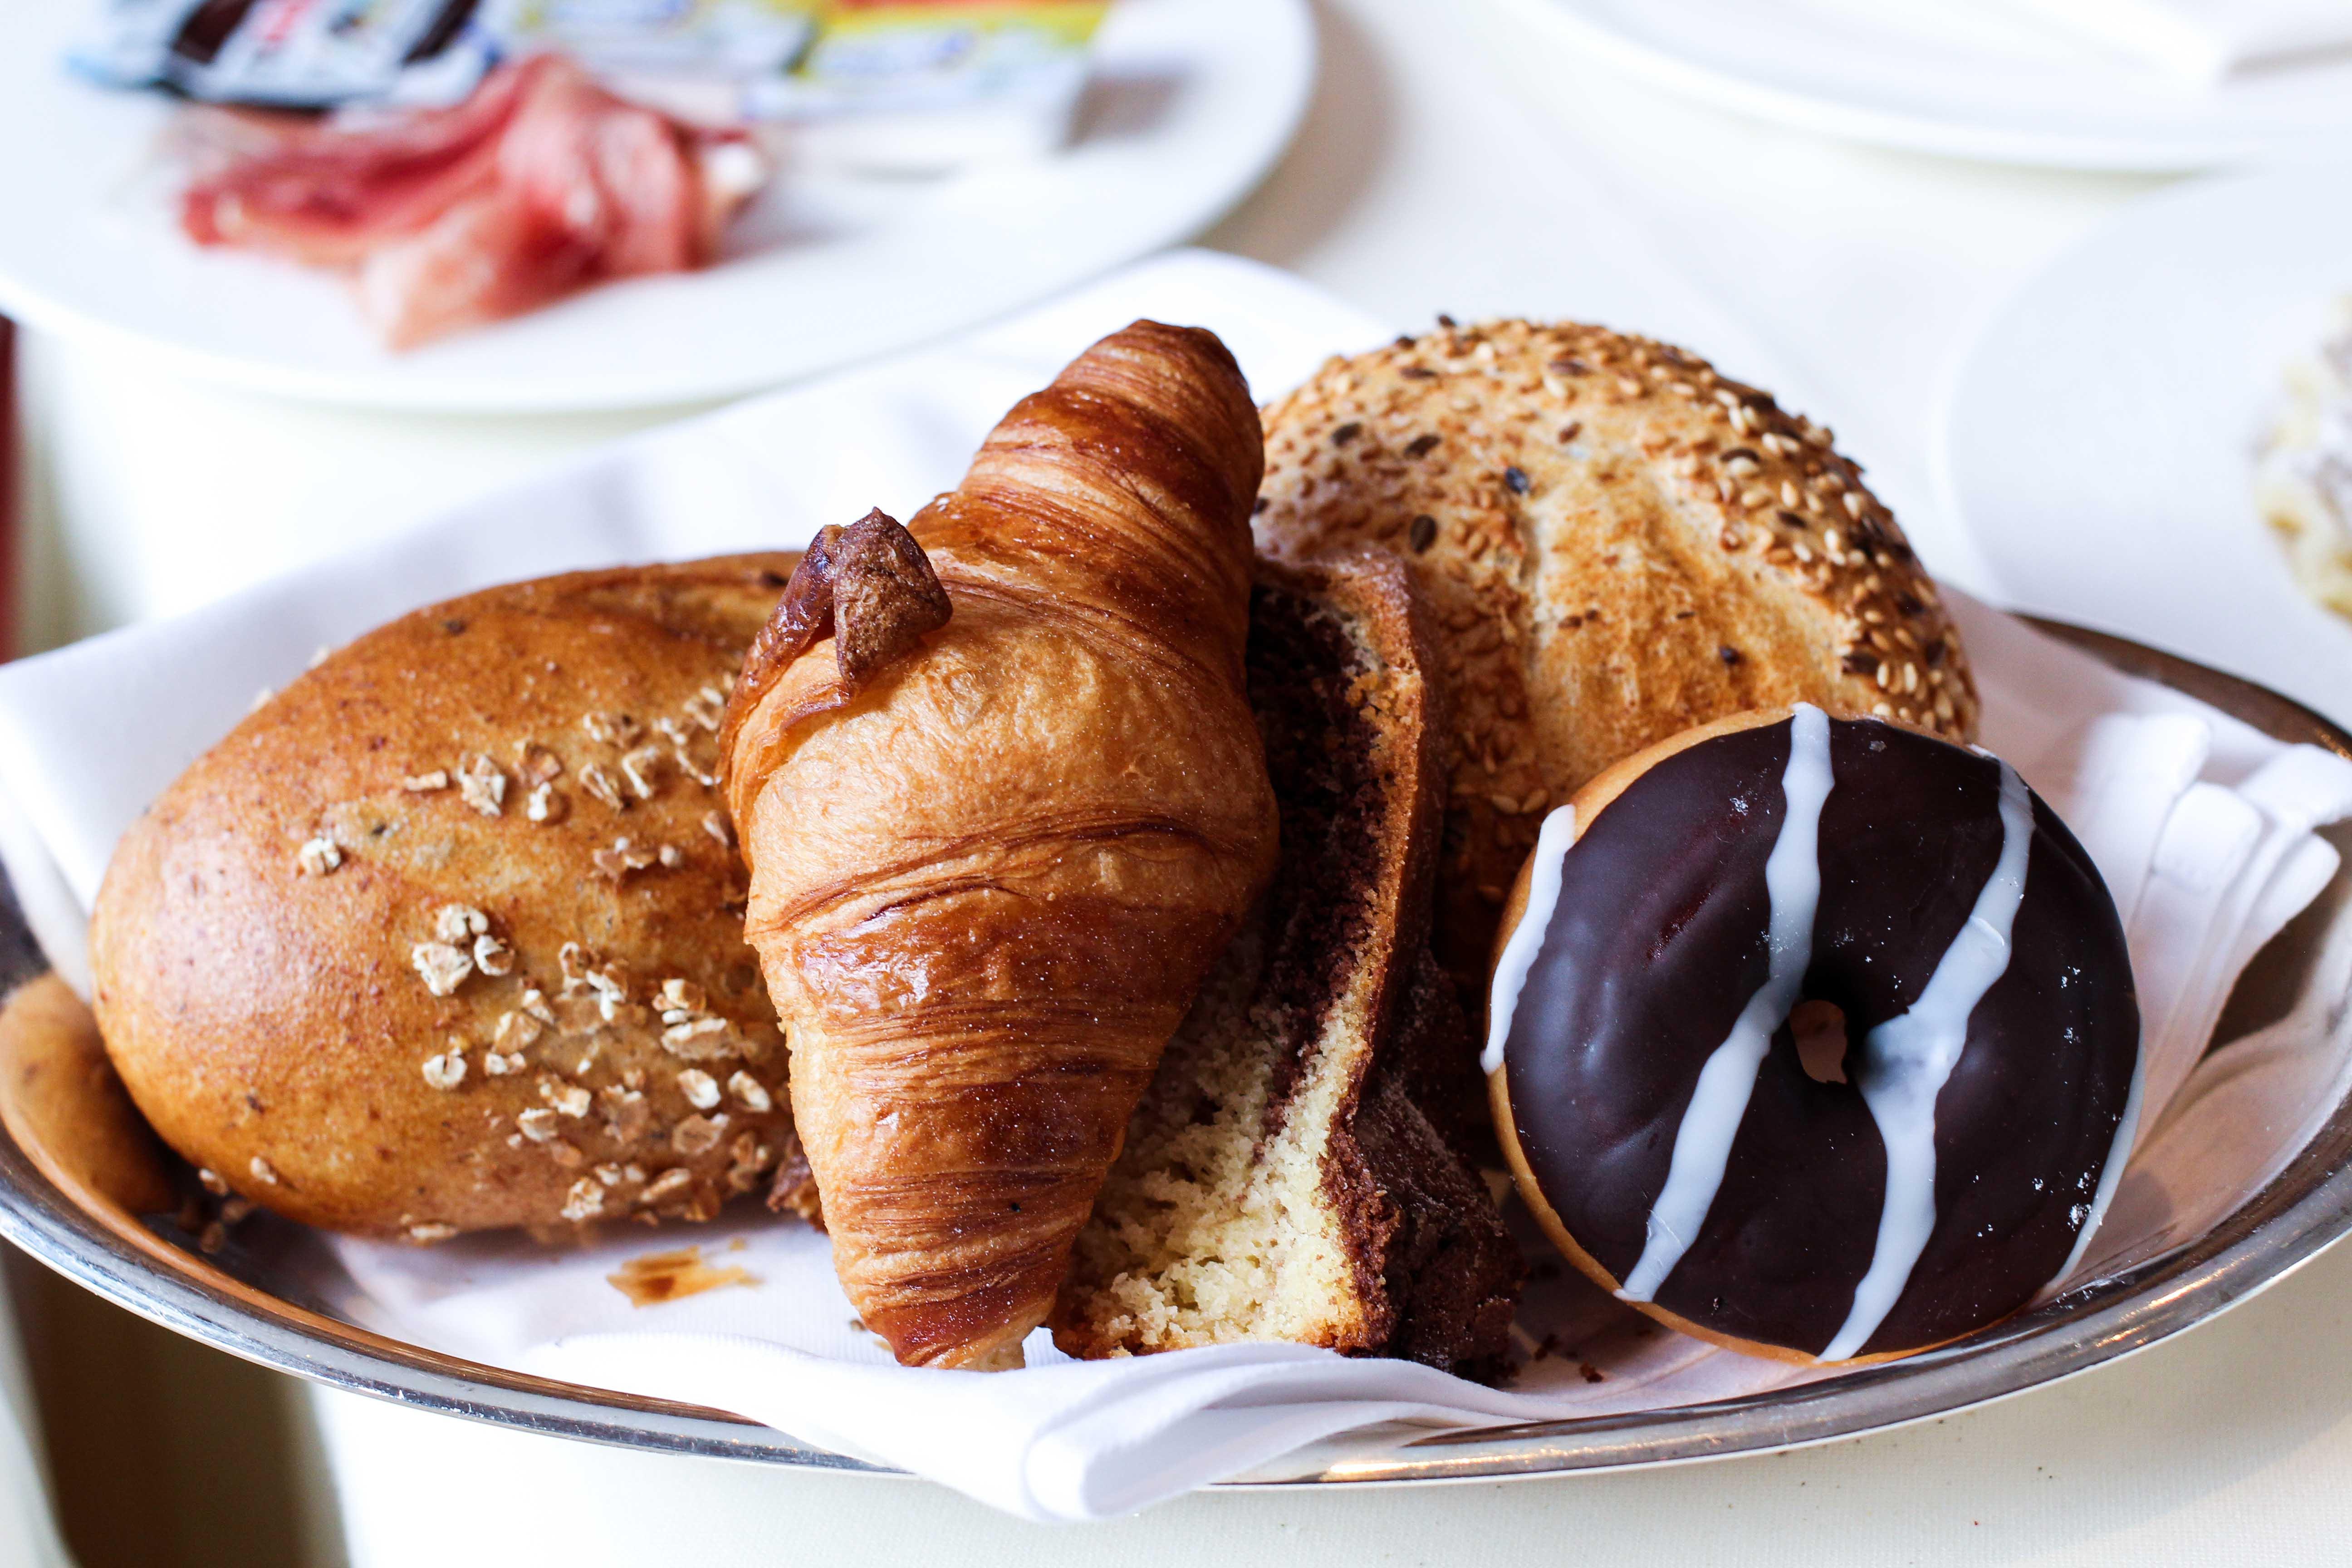 Frühstück Brotkorb Croissant Donut Das Central Sölden 5-Sterne Wellnesshotel Luxushotel Sölden Tirol Österreich Winterurlaub Reiseblog